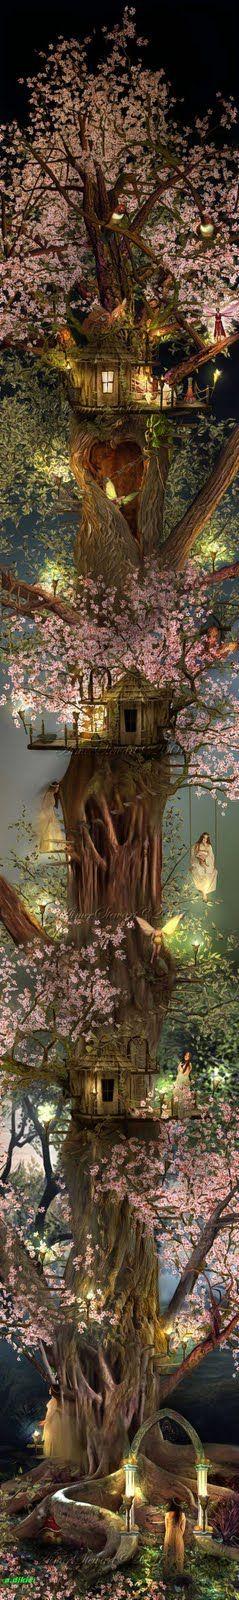 Anjana del bosque: Las Hadas y los humanos